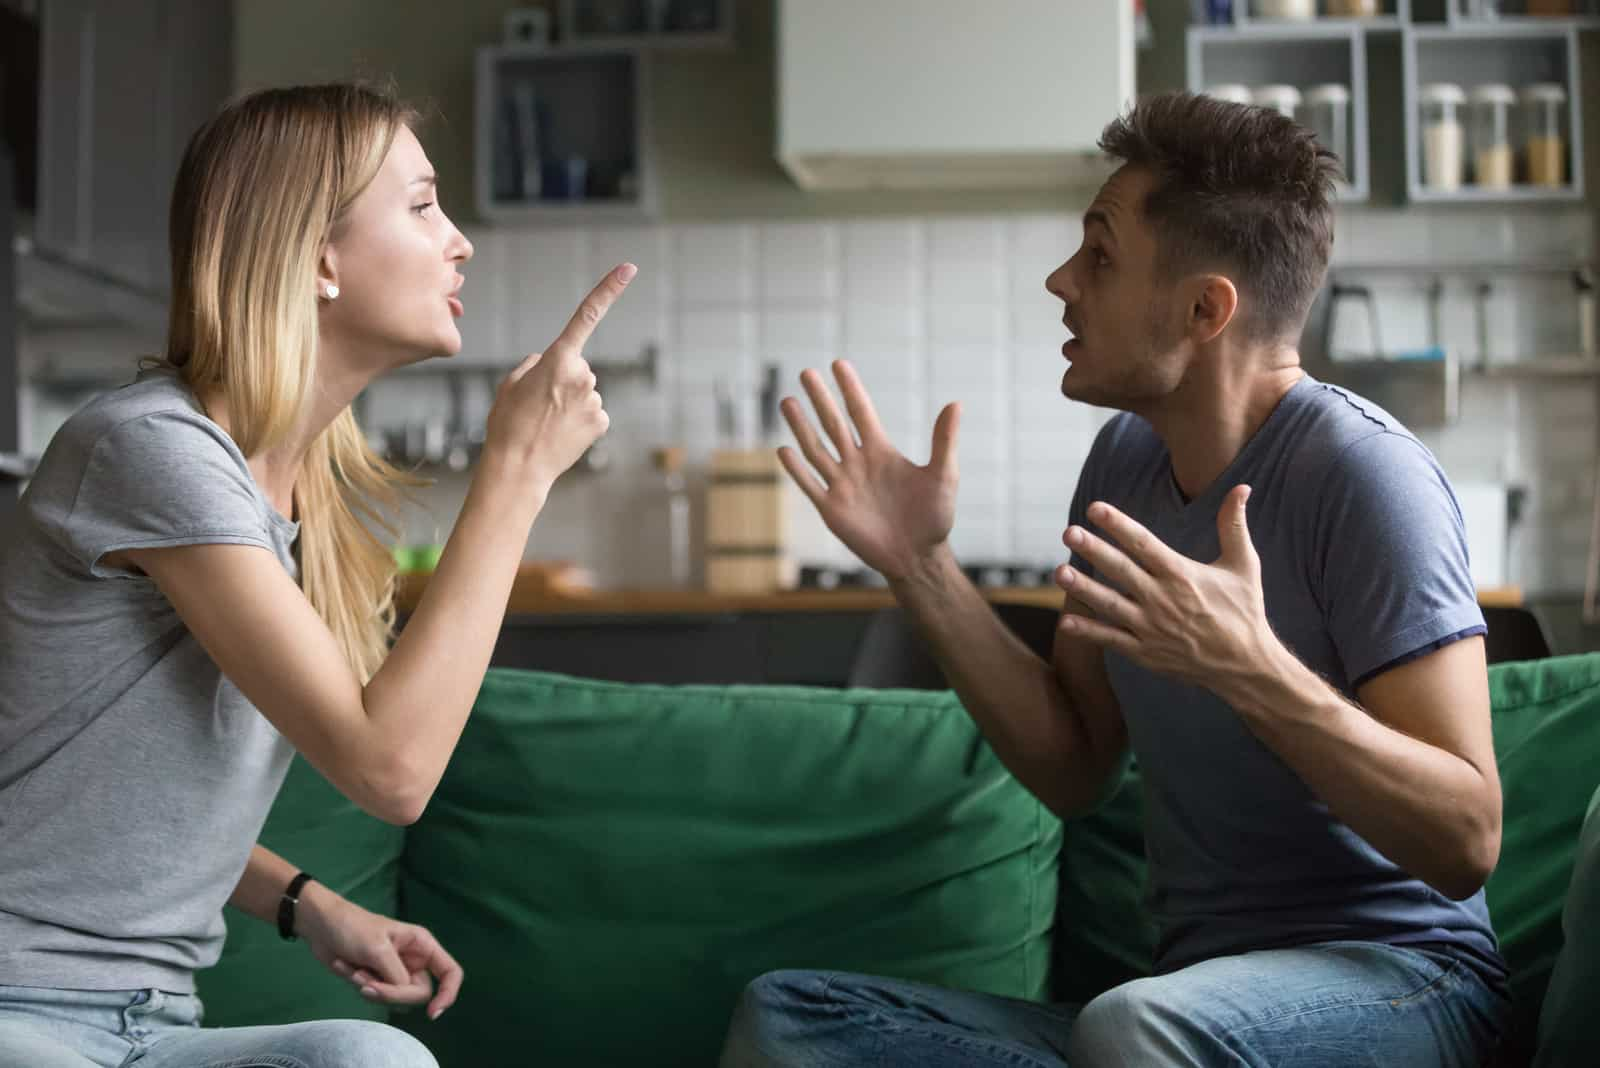 homme et femme se disputant assis sur un canapé